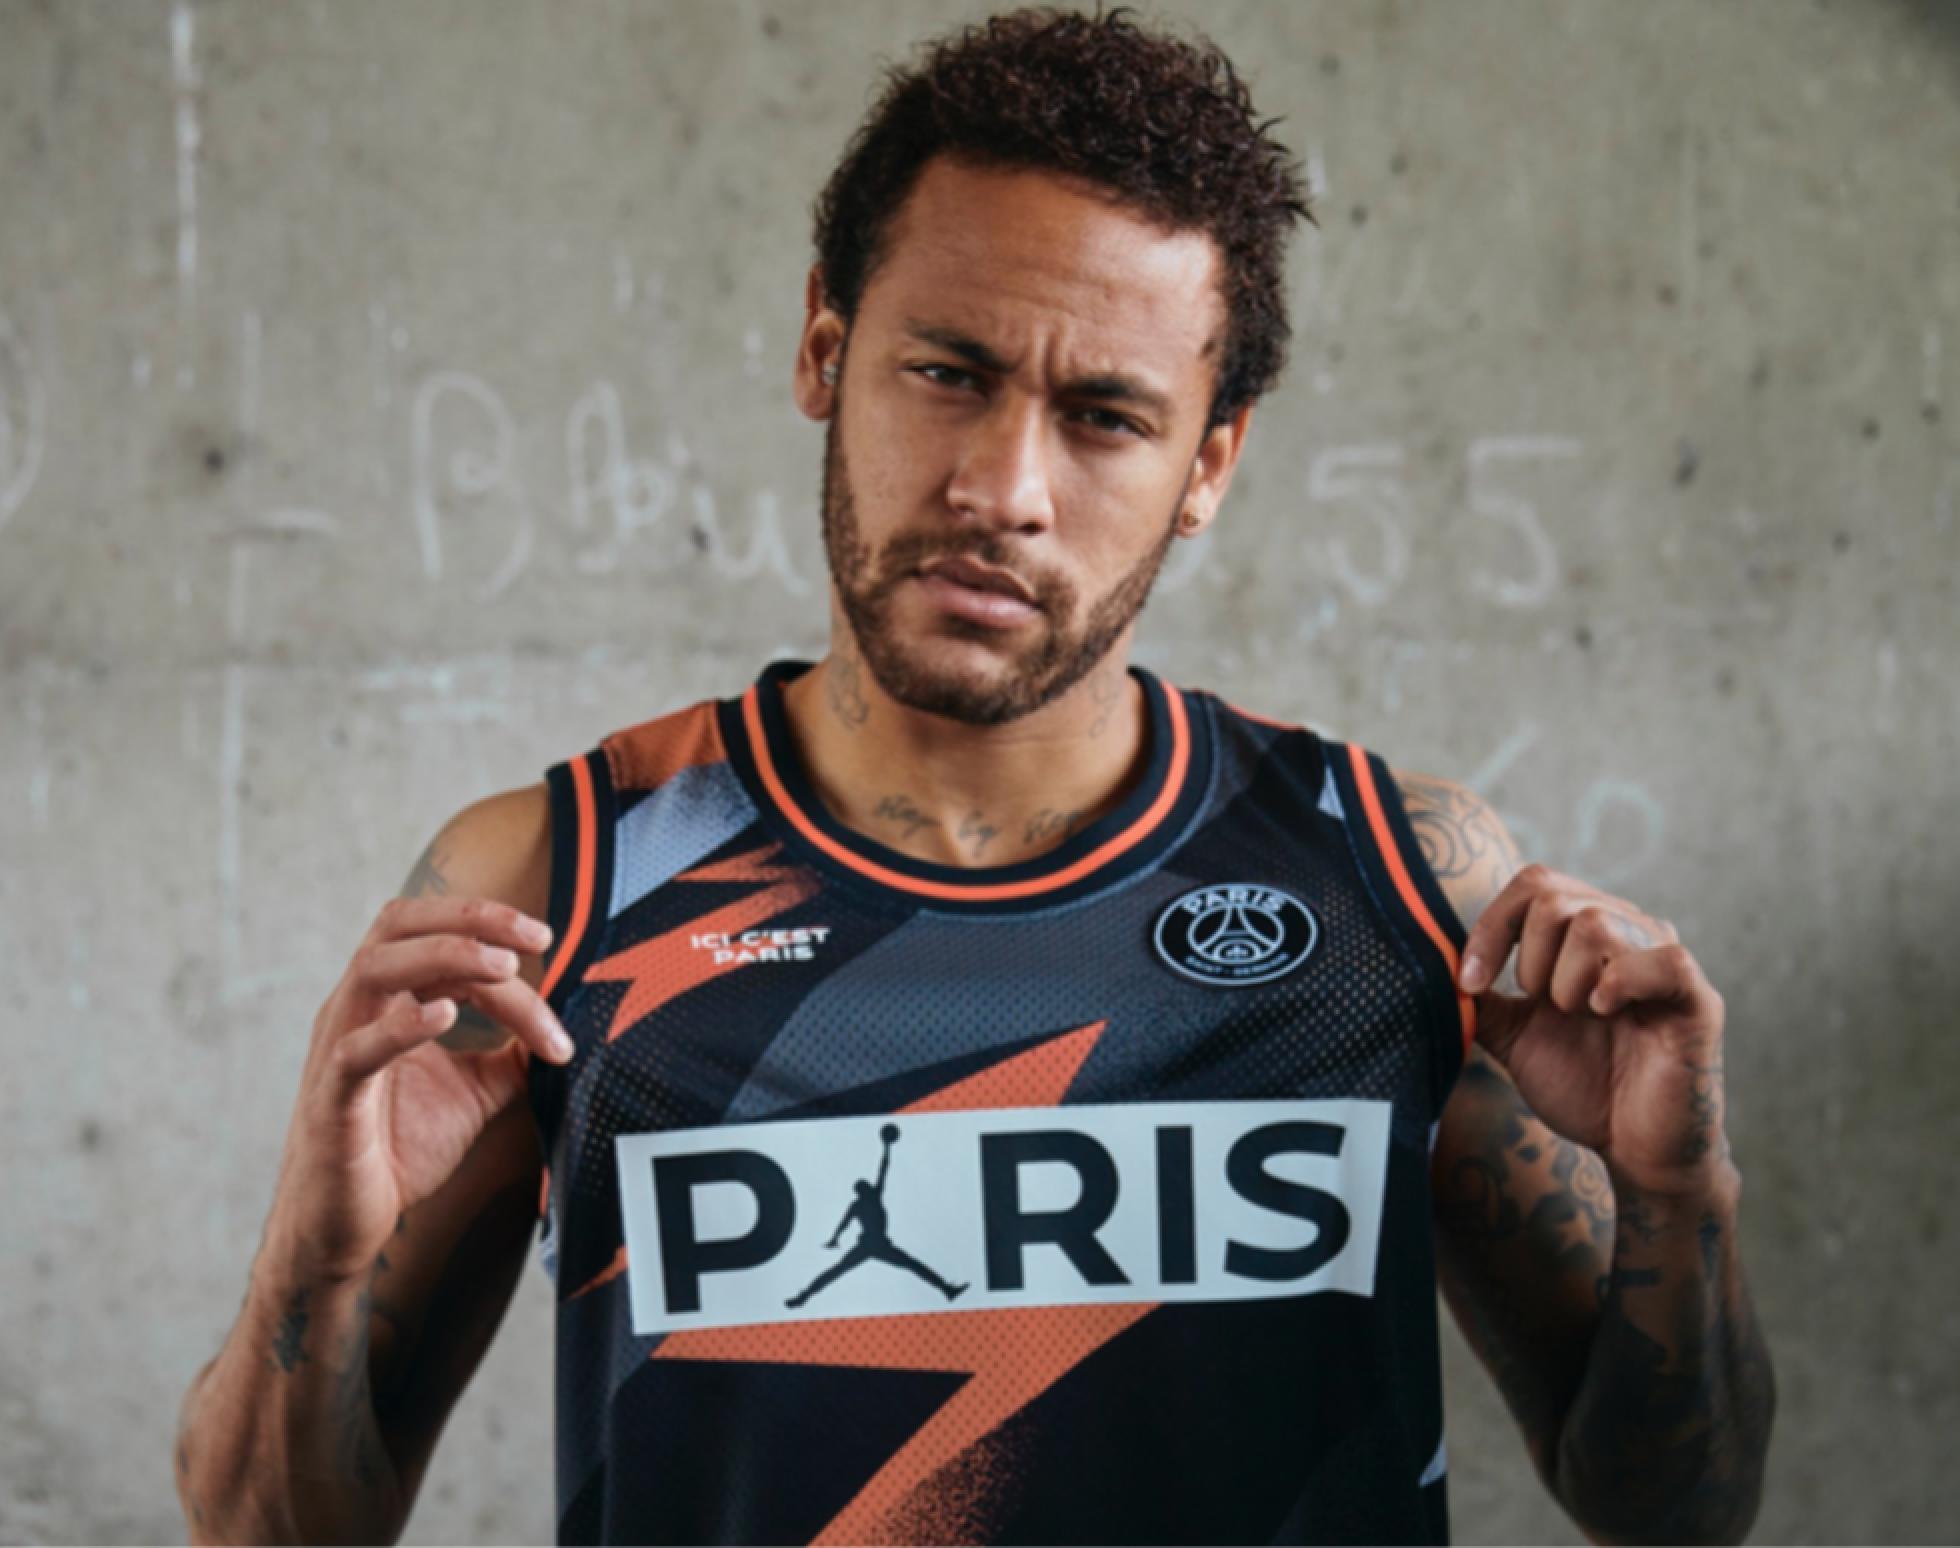 Le Paris Saint Germain et la marque Jordan lancent leur